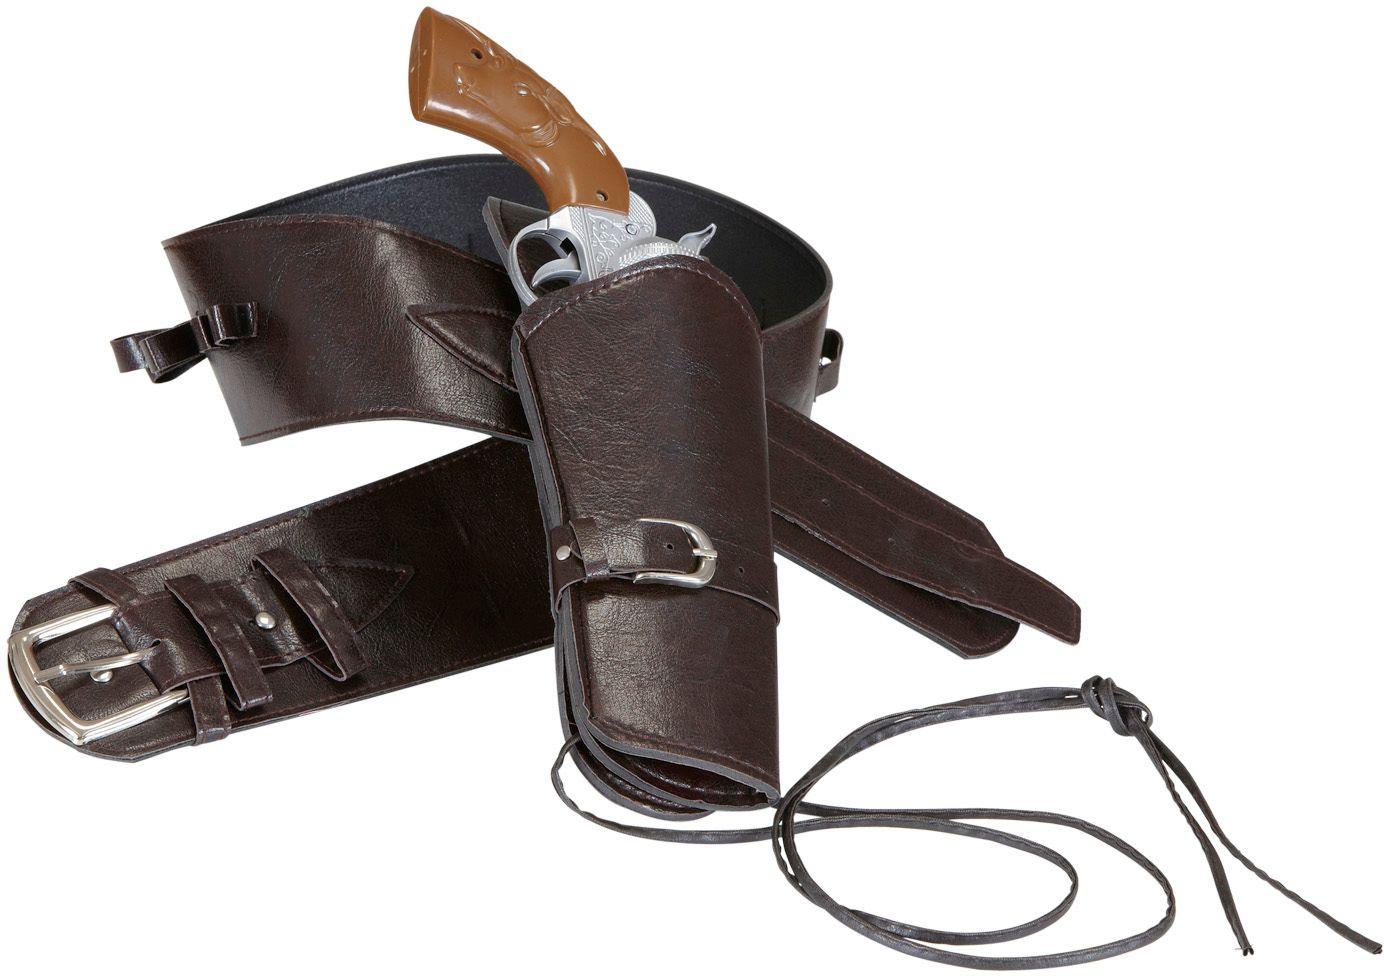 Bruine cowboy riem met holster